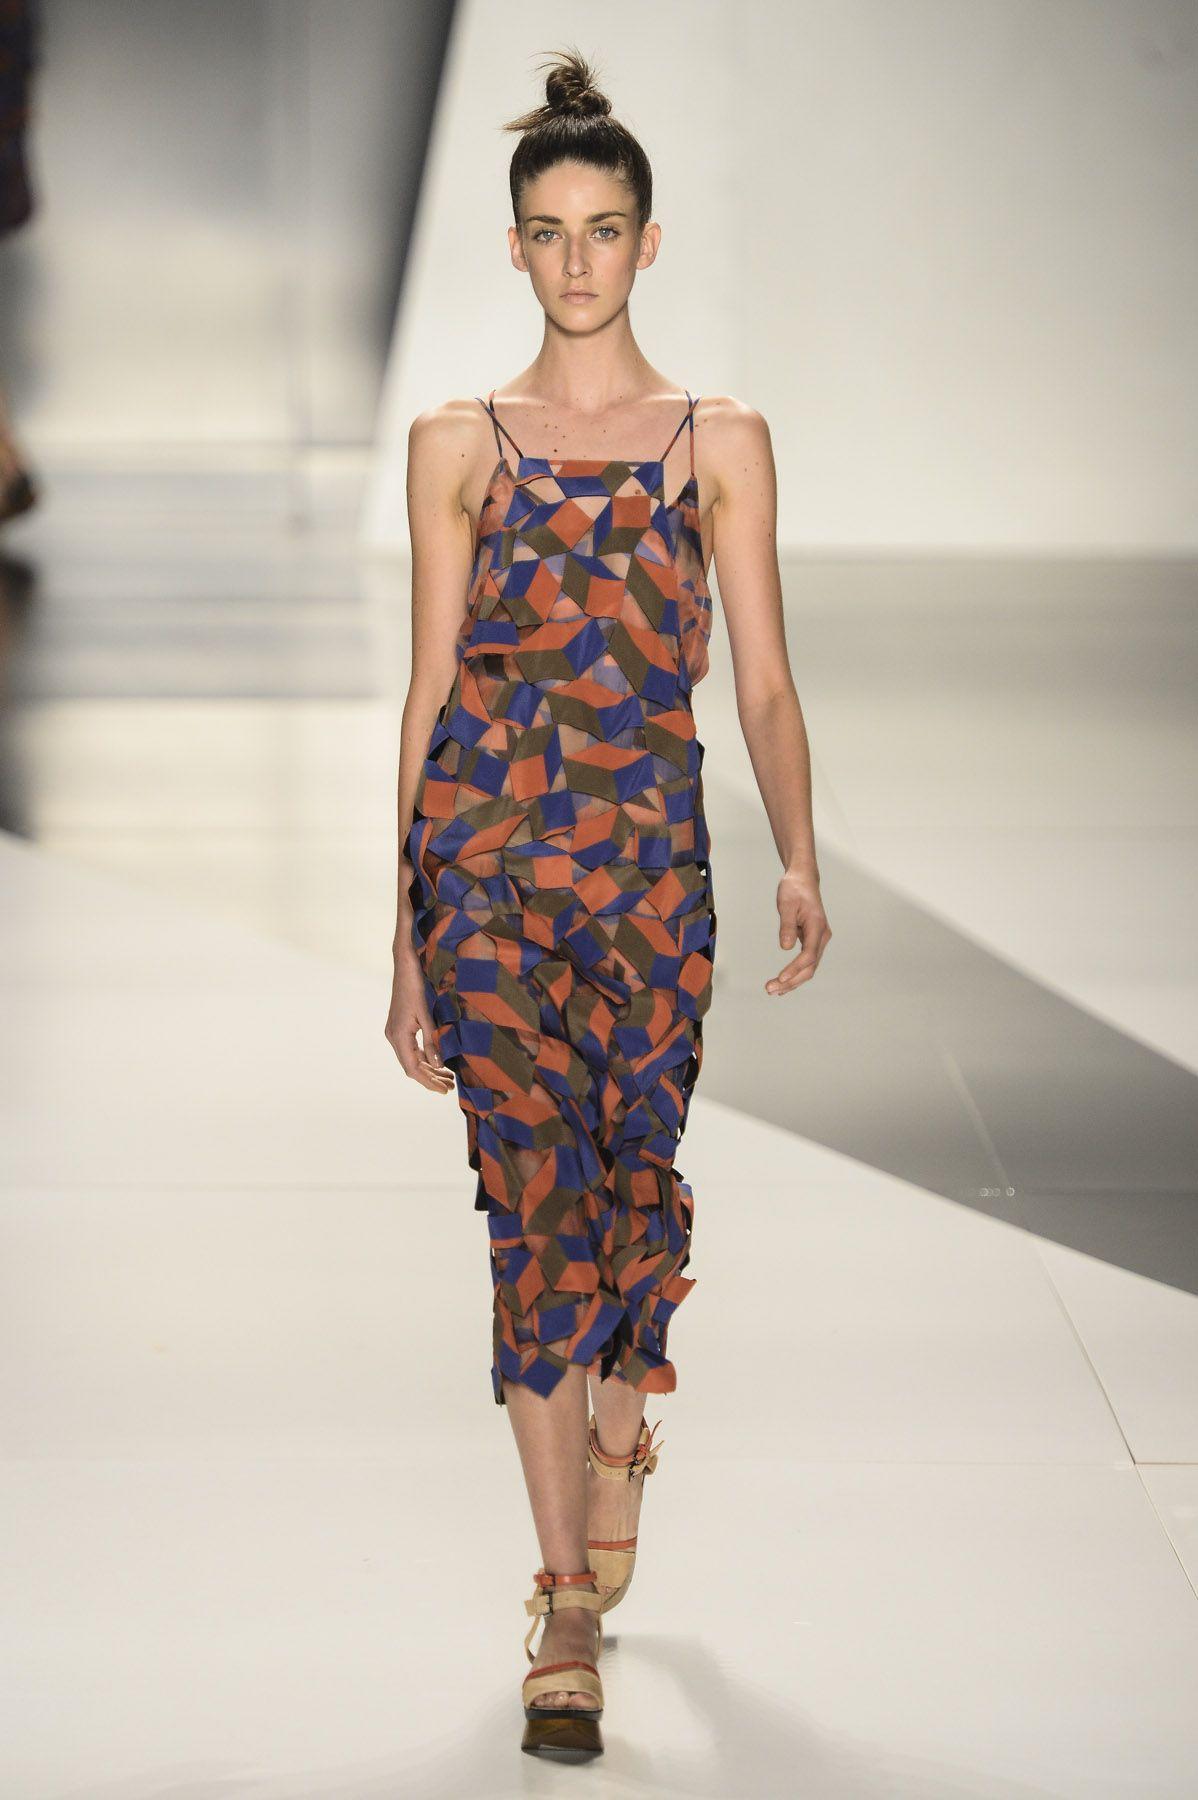 Espaço Fashion | Rio de Janeiro | Verão 2014 RTW